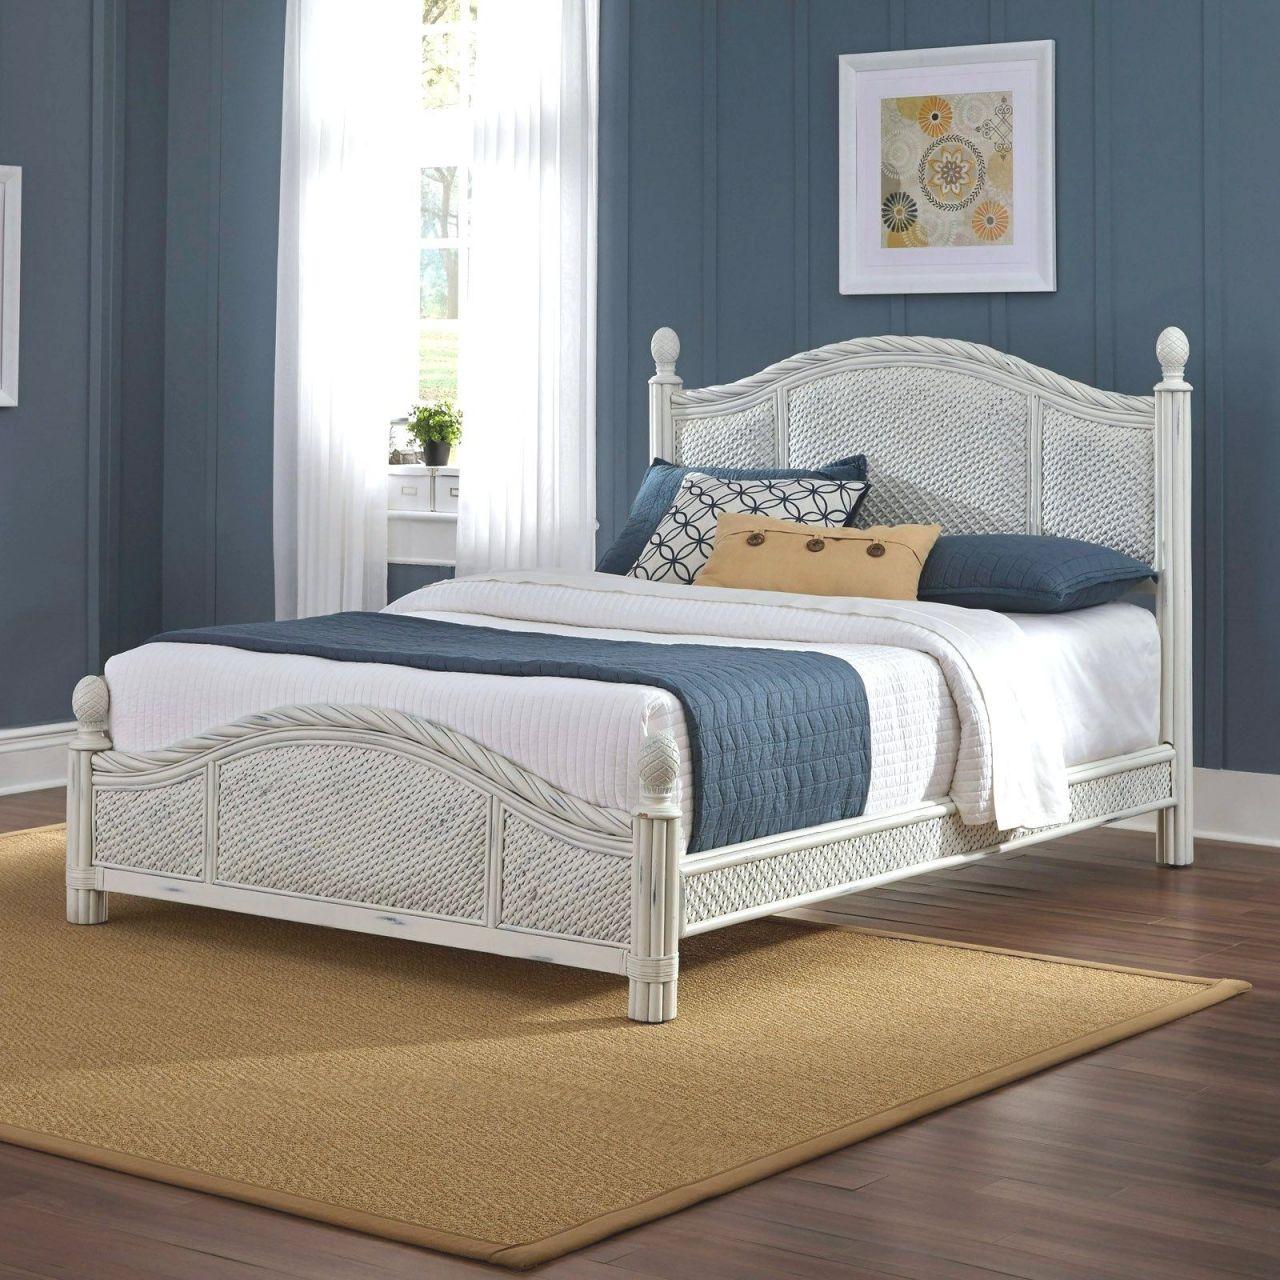 Coastal Bedroom Furniture – Mybreeze.co for Coastal Bedroom Furniture Sets